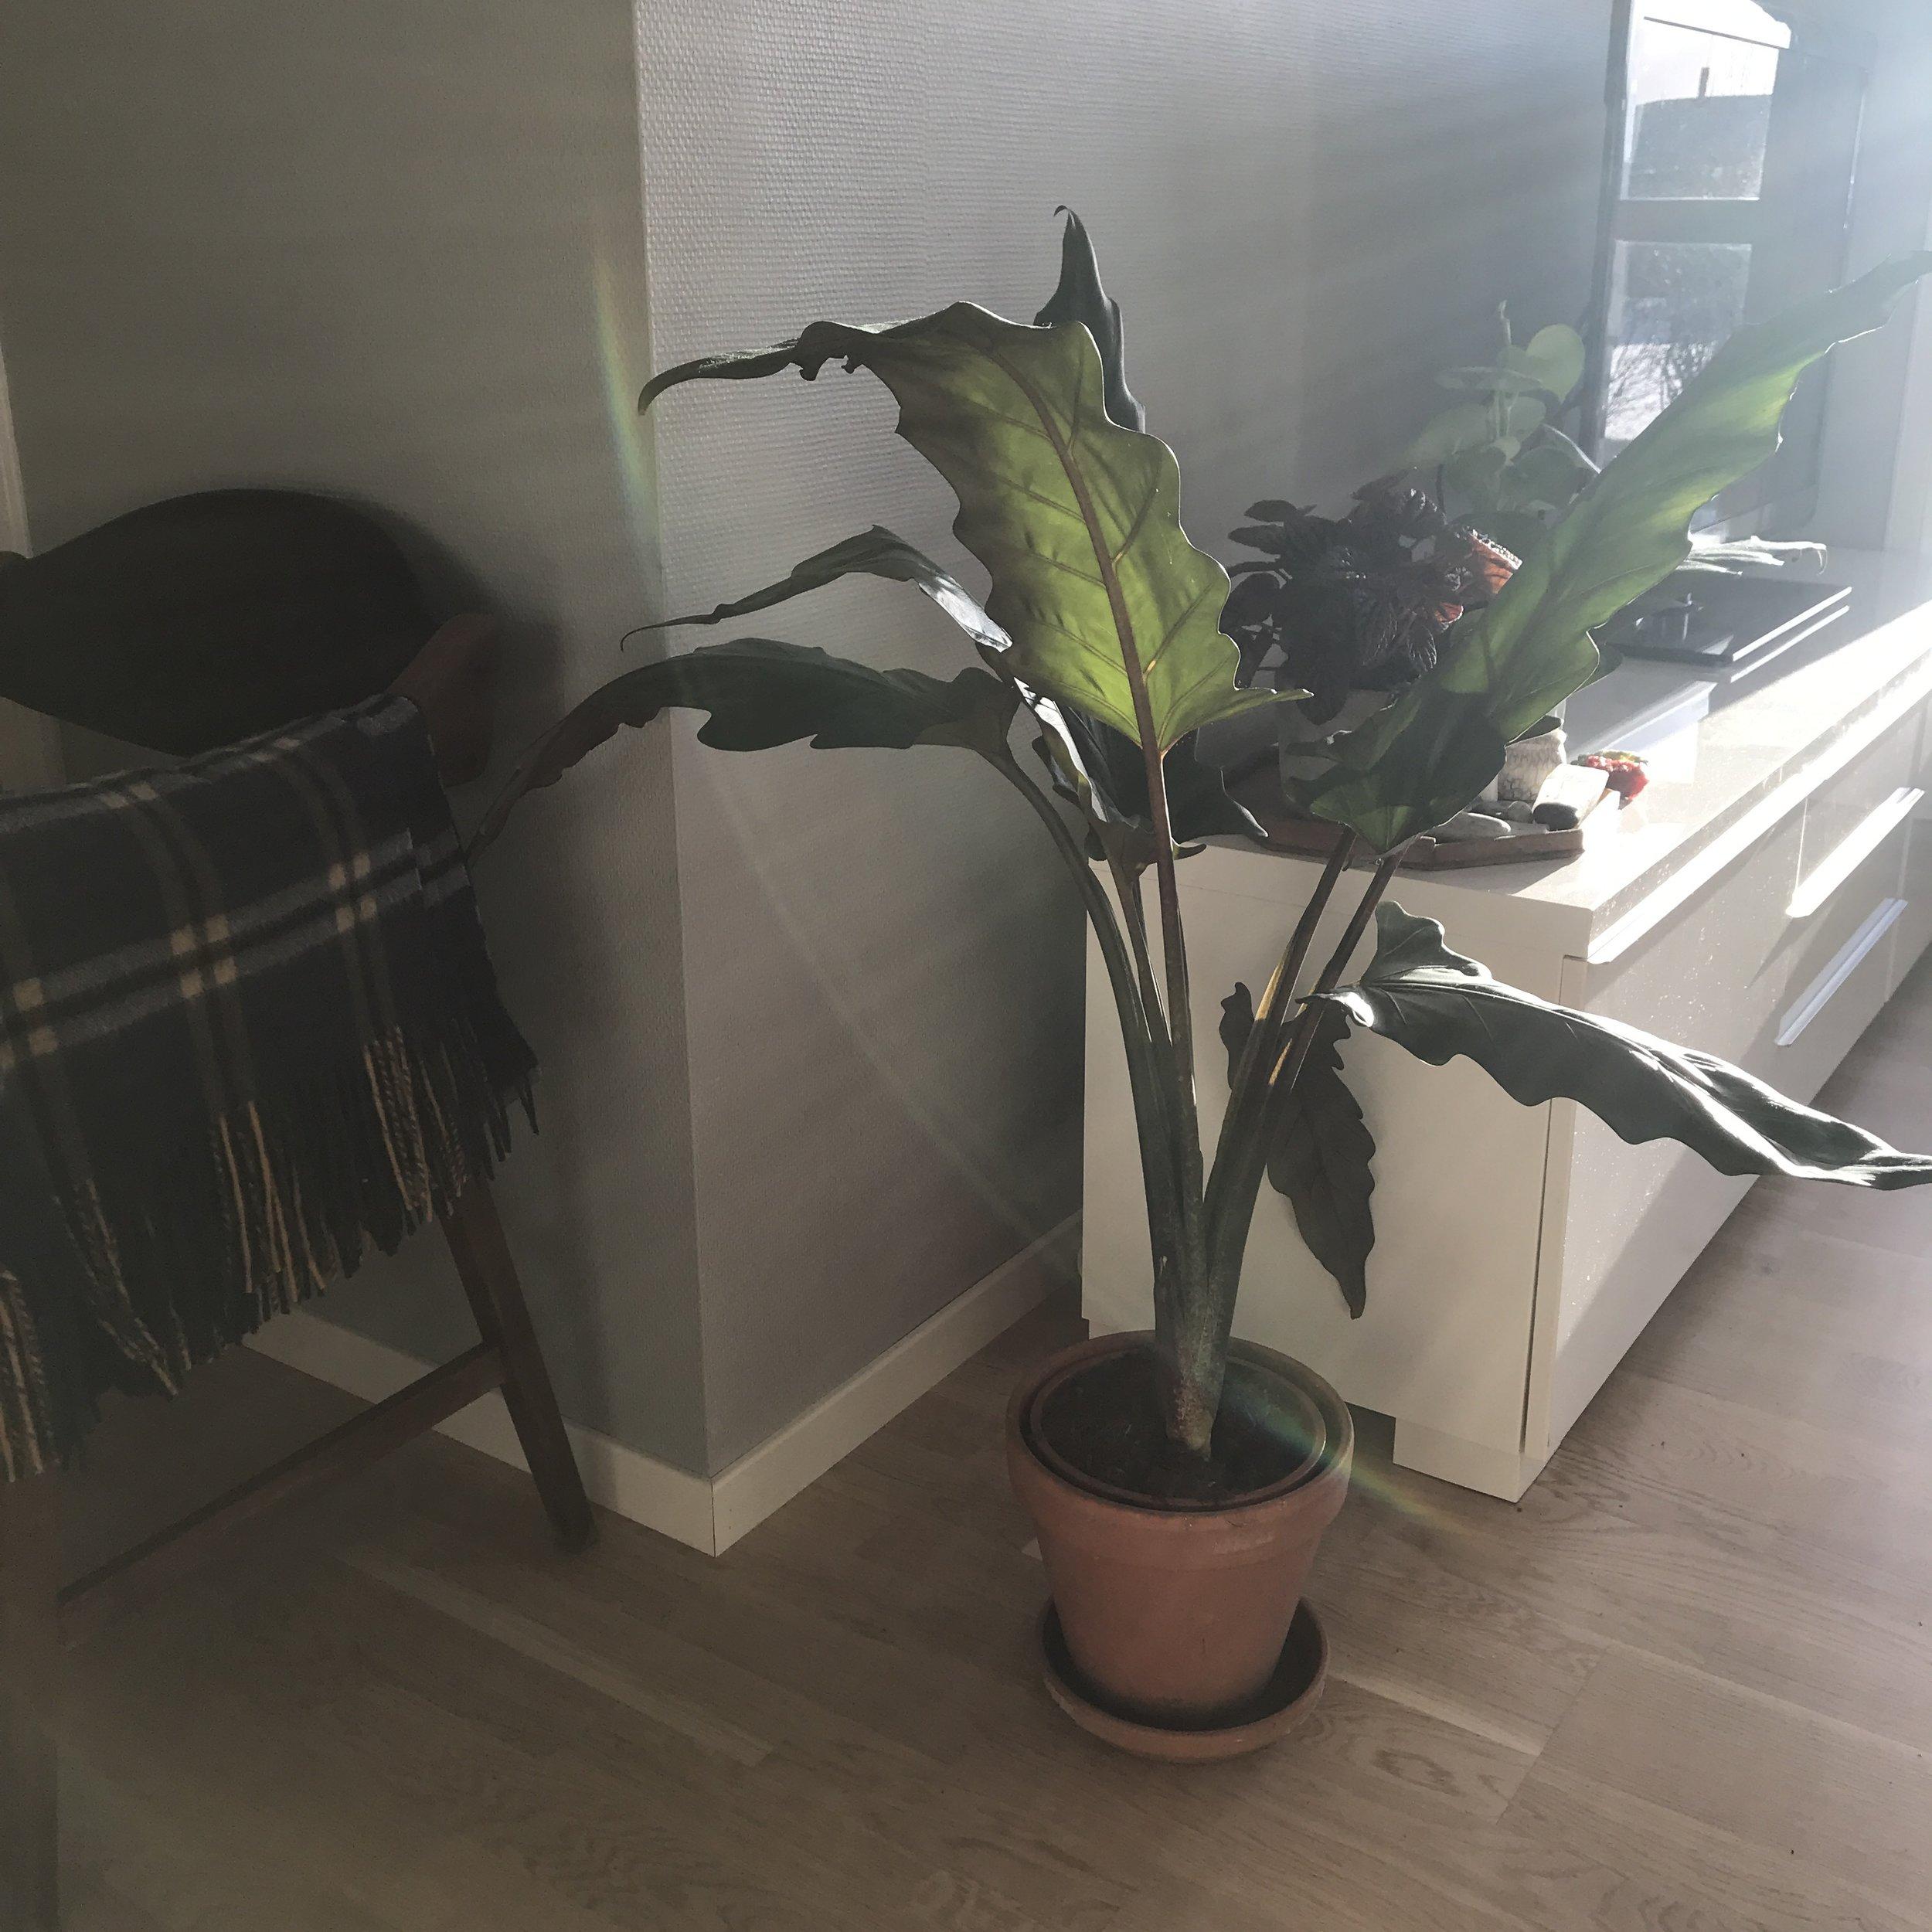 """Stygg krukke? Den hører egentlig til ute. Jeg kjøpte nettopp den store planten, jeg vet ikke om den kommer til å trives hos oss (håper den vil trives) Jeg fant ingen potte da jeg kjøpte planten som sa """"sparks of joy"""" så isteden for å kjøpe en ny, eller brukt potte jeg ikke vil ha i lengden bruker jeg en jeg har i mellomtiden, selv om den er preget av utendørsliv :) Tålmodighet, det lønner seg for lommebok og miljø."""